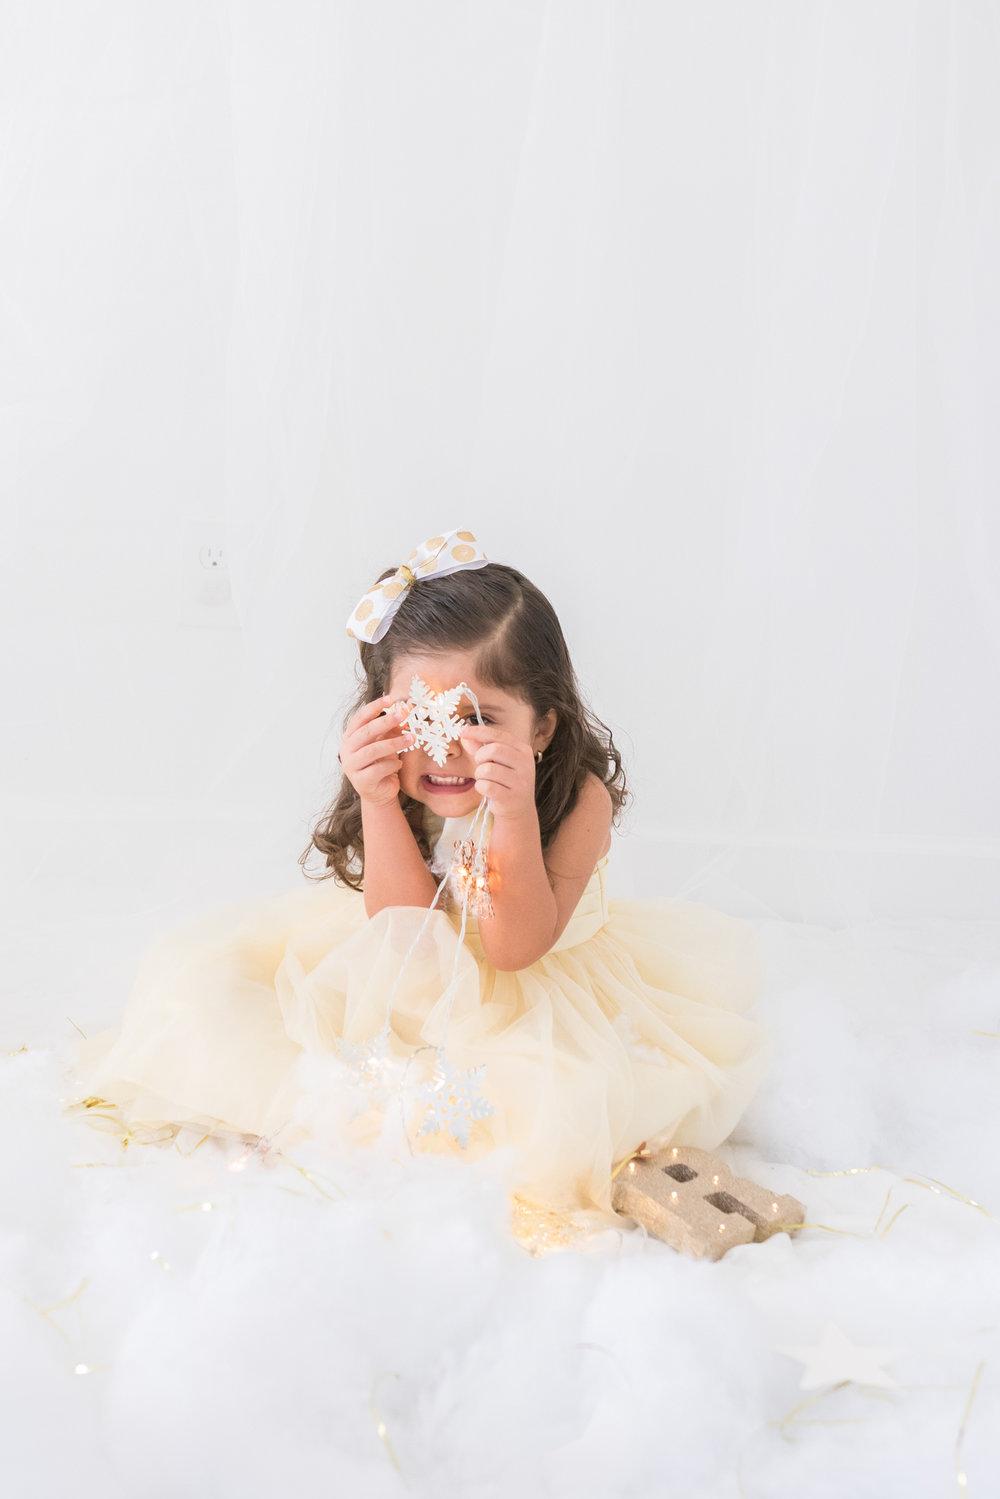 Twinkle-Twinkle-little-star-photoshoot